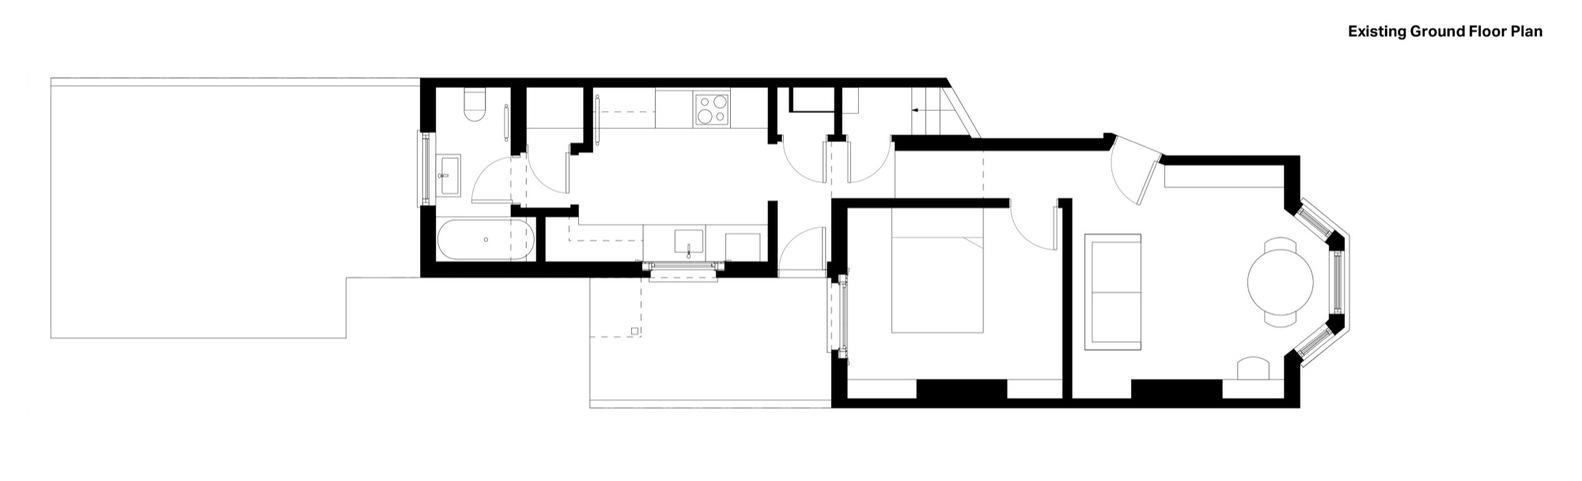 Sunken Bath Project,Floor Plan 01